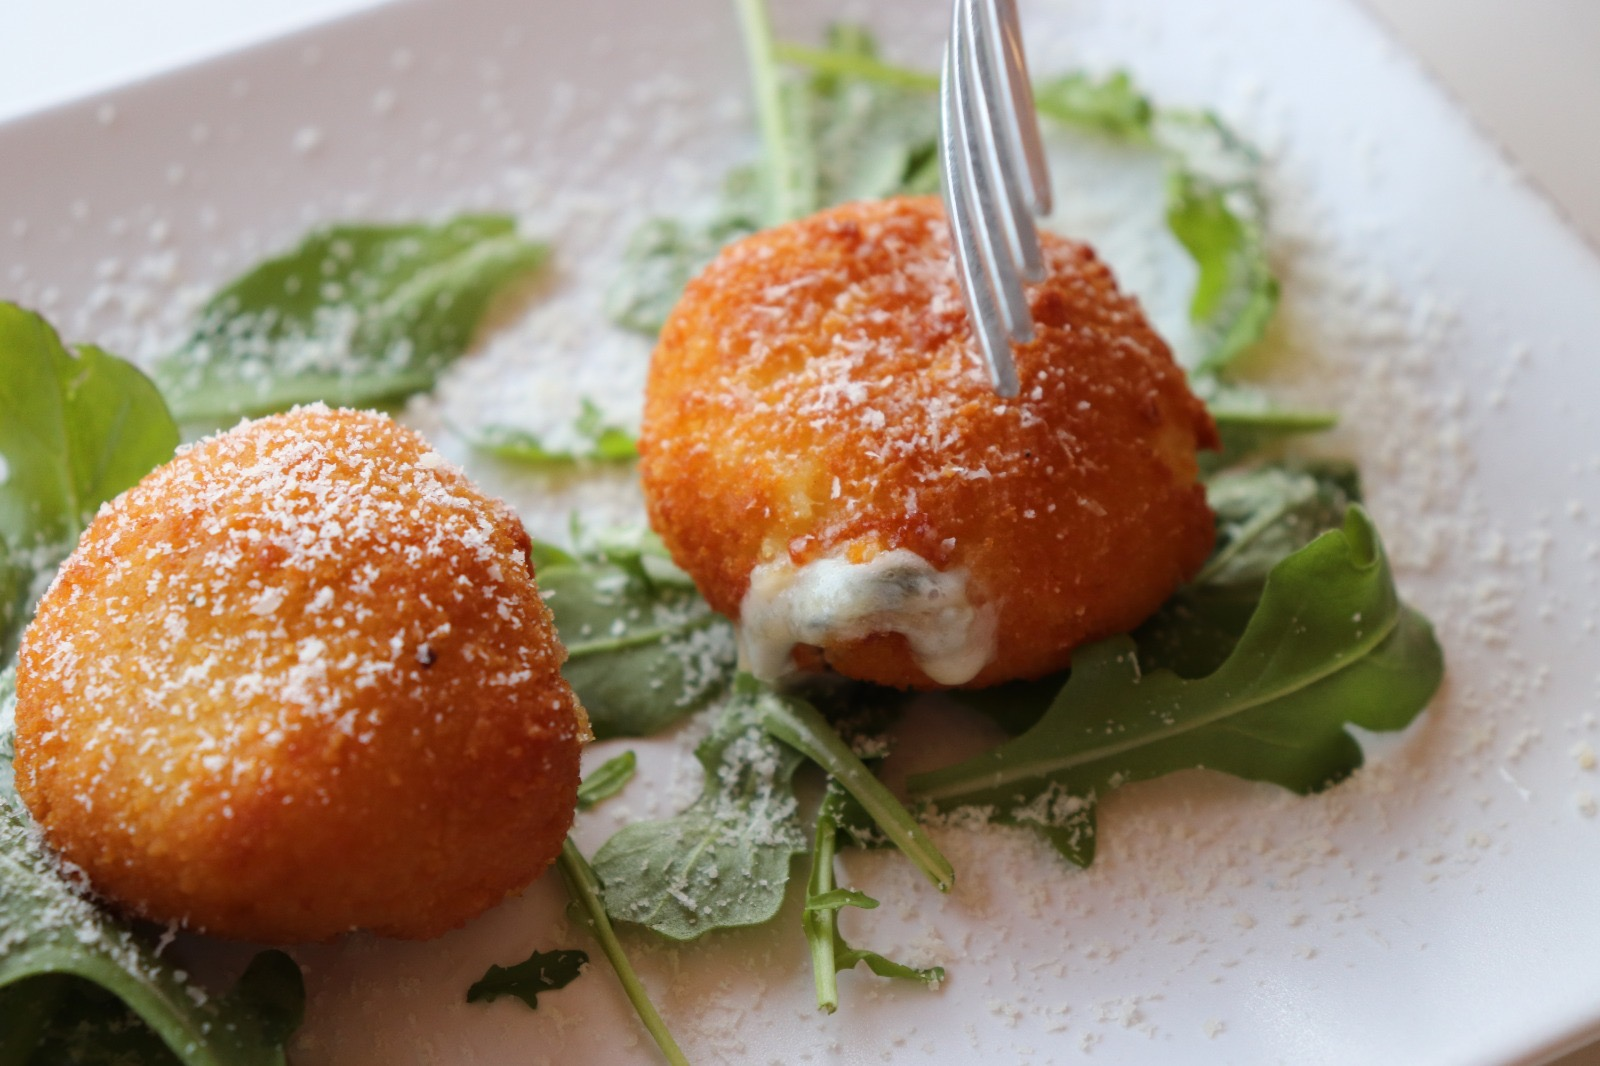 Crocchetta di patate con gorgonzola